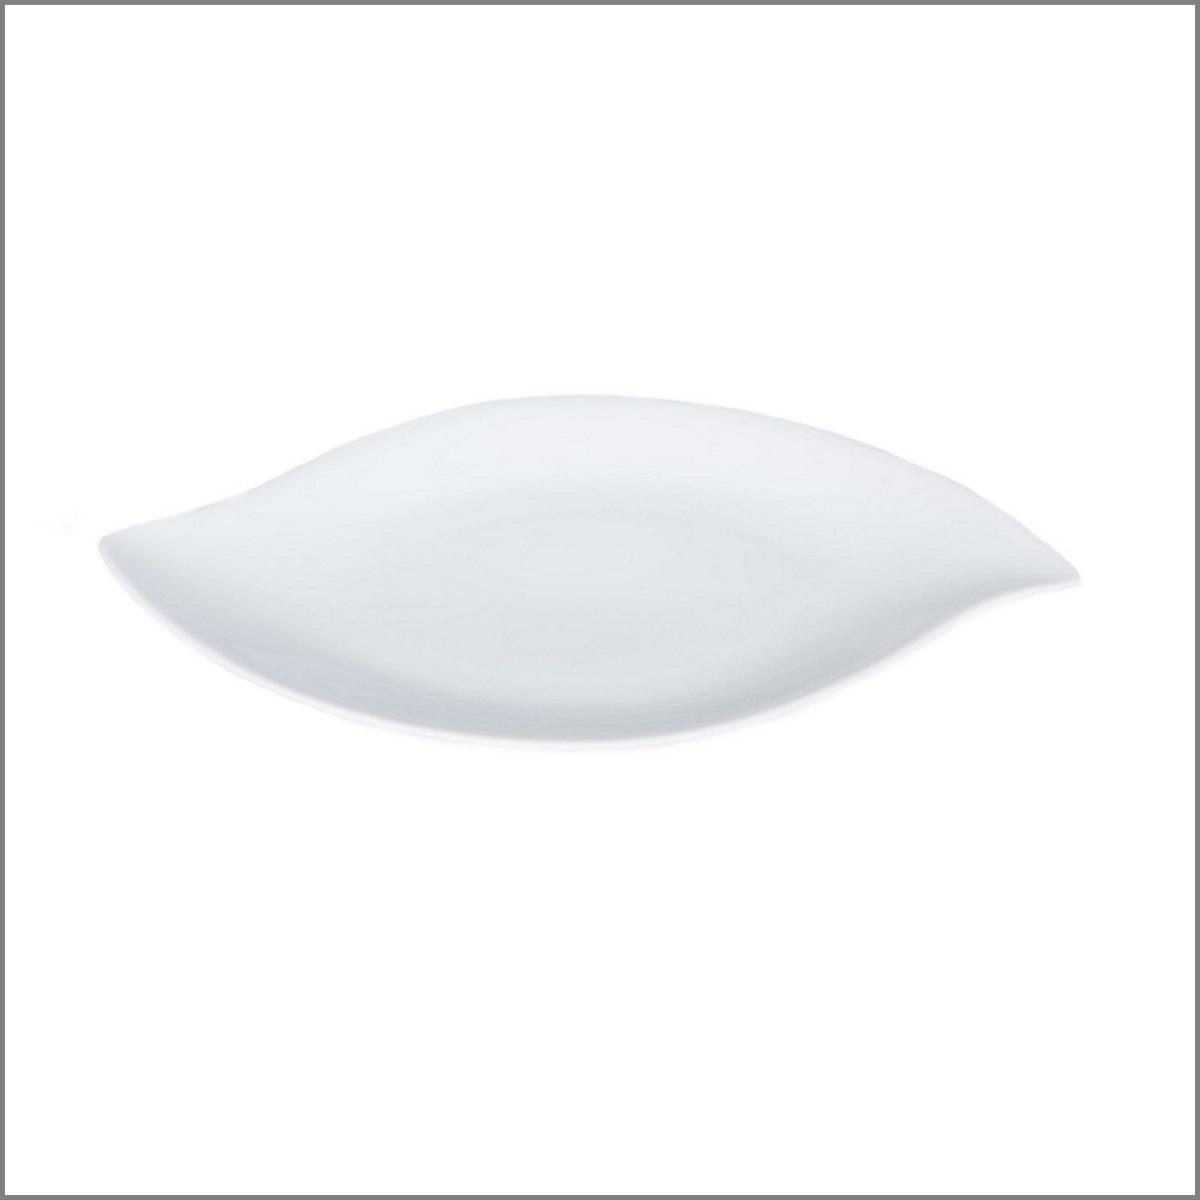 Assiette feuille 36x23 gm